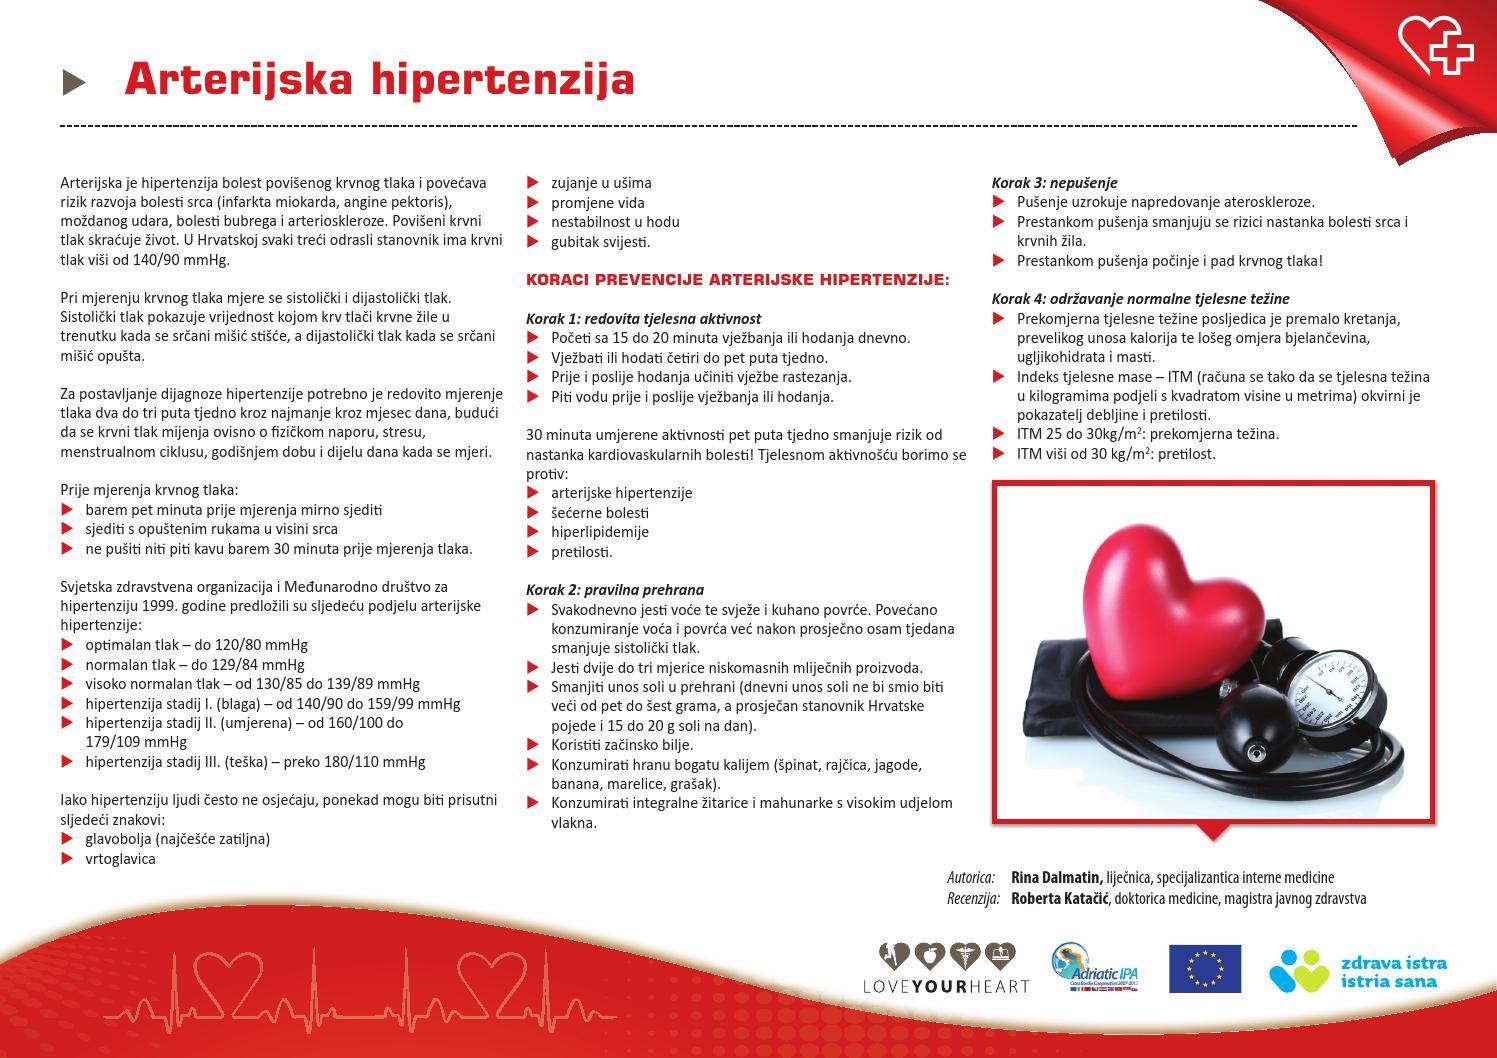 oštećenja oka u hipertenziji